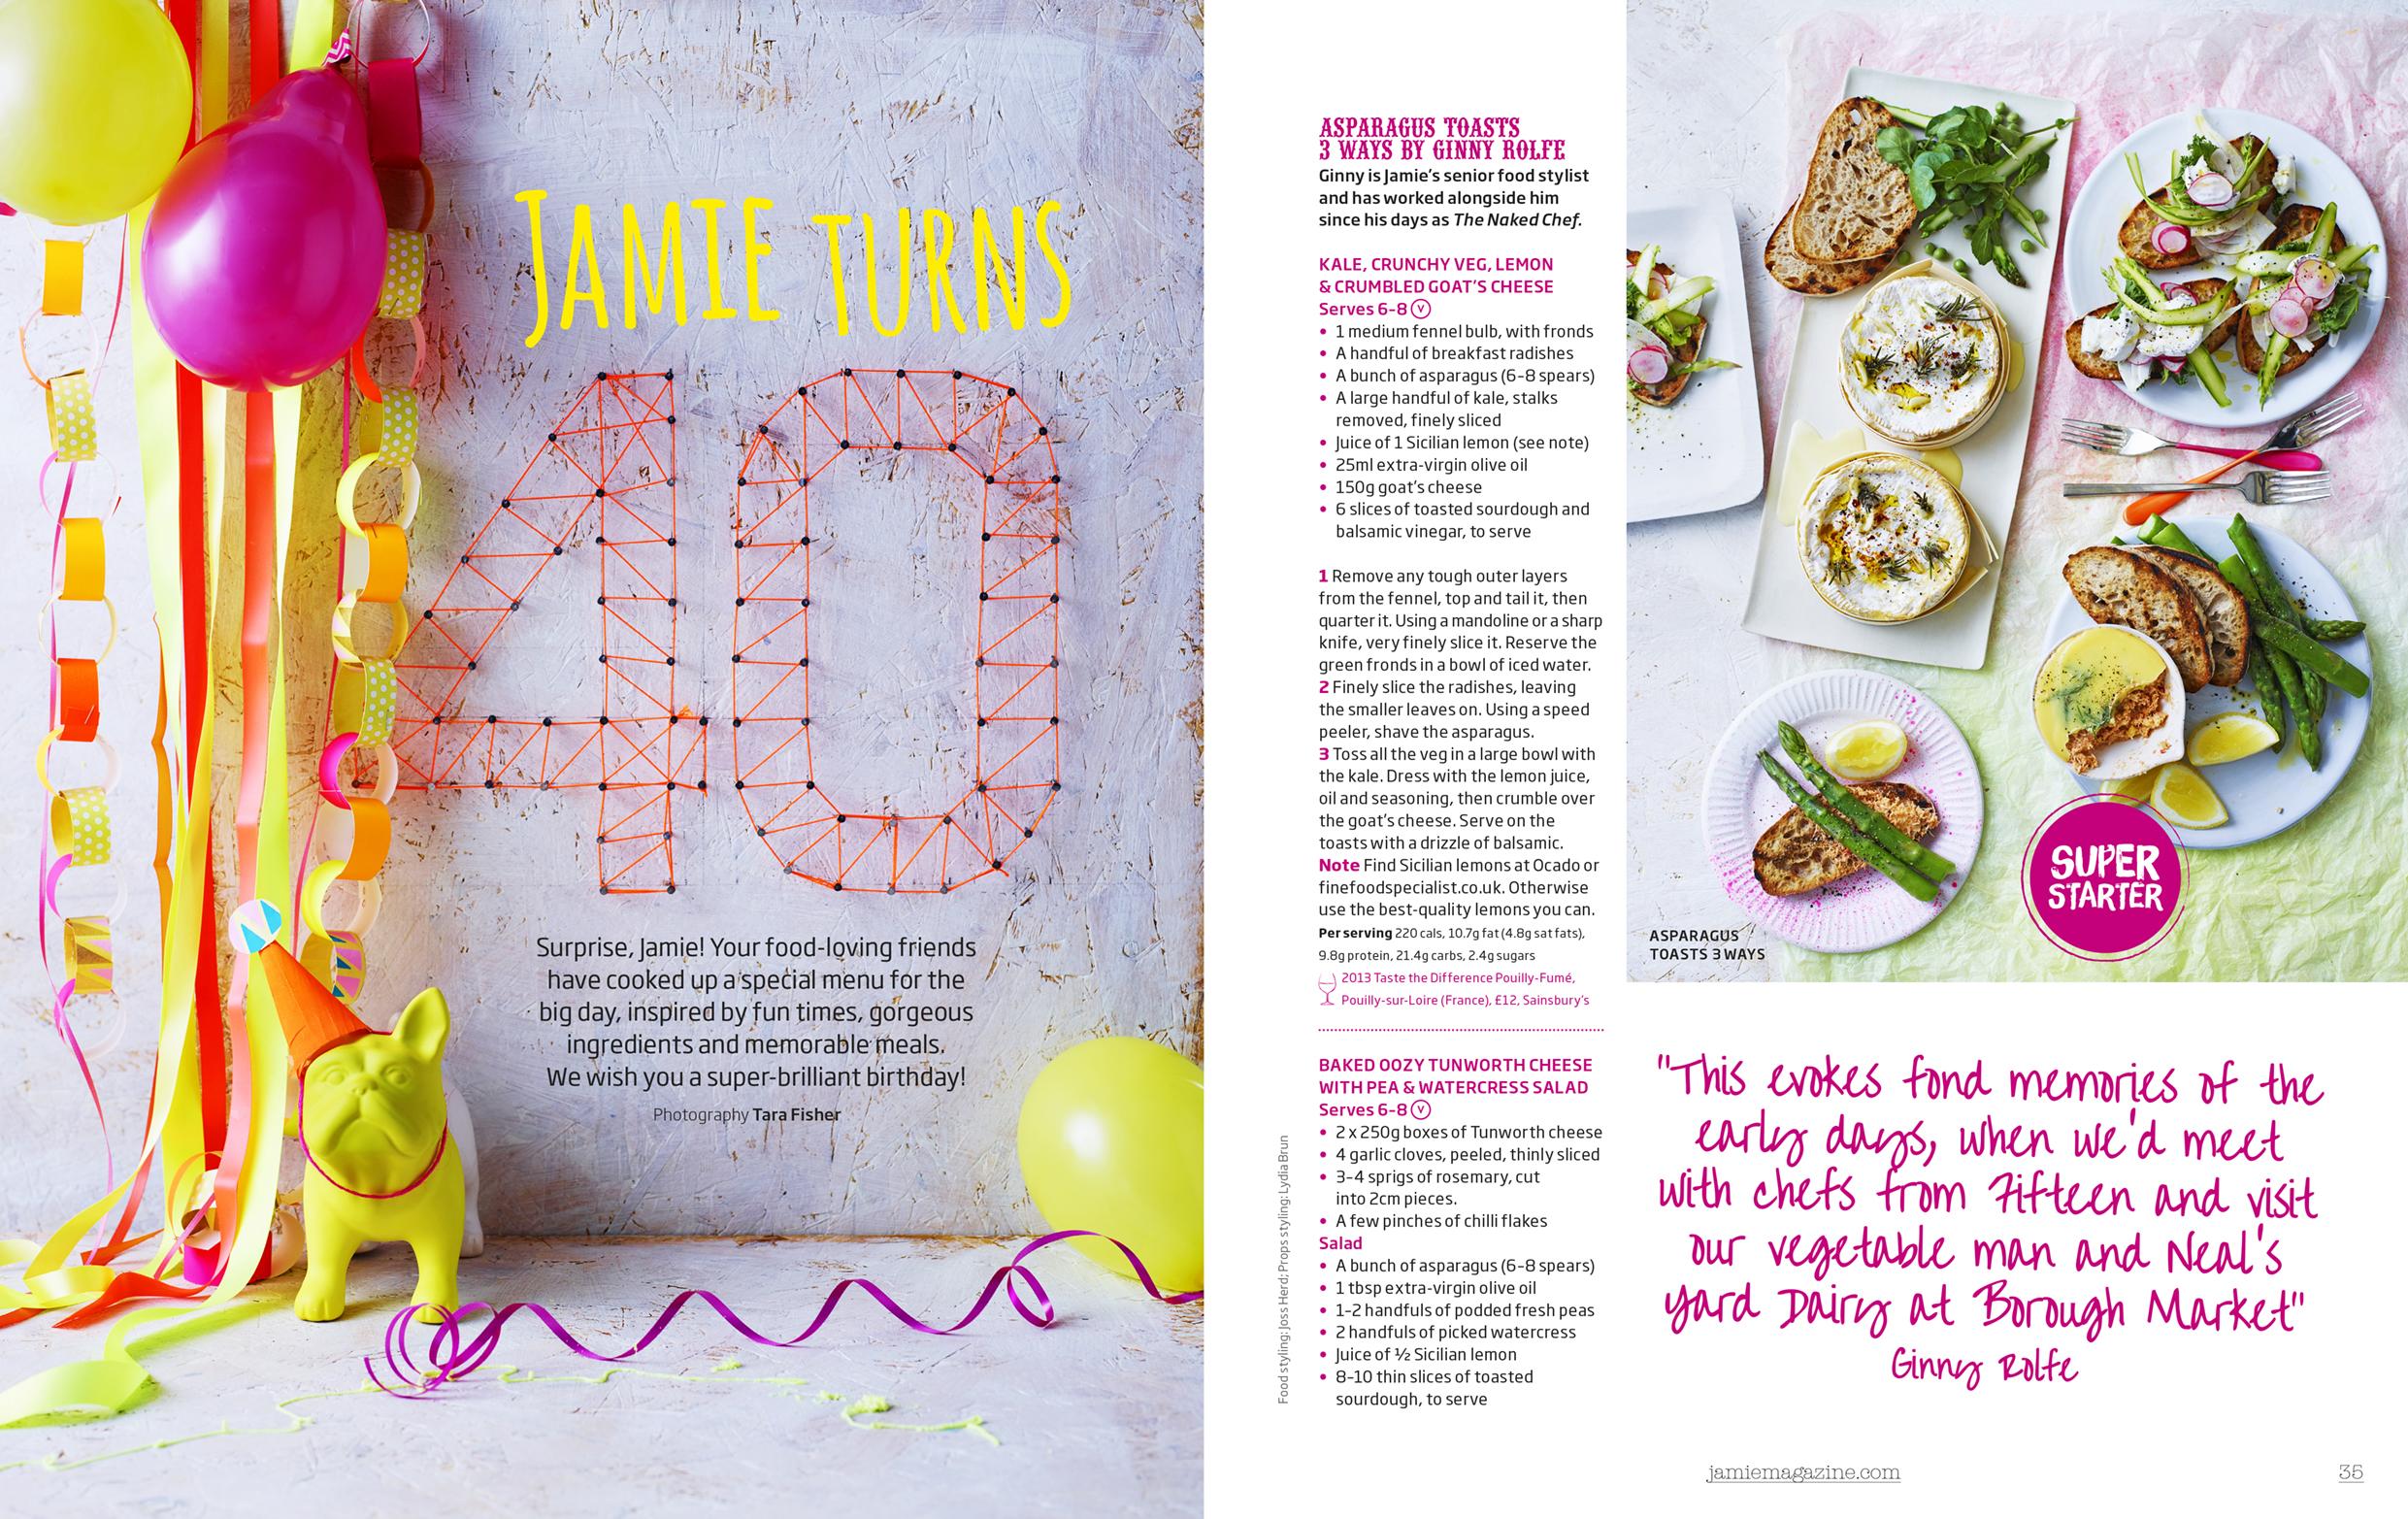 JamiesBirthday-1.jpg